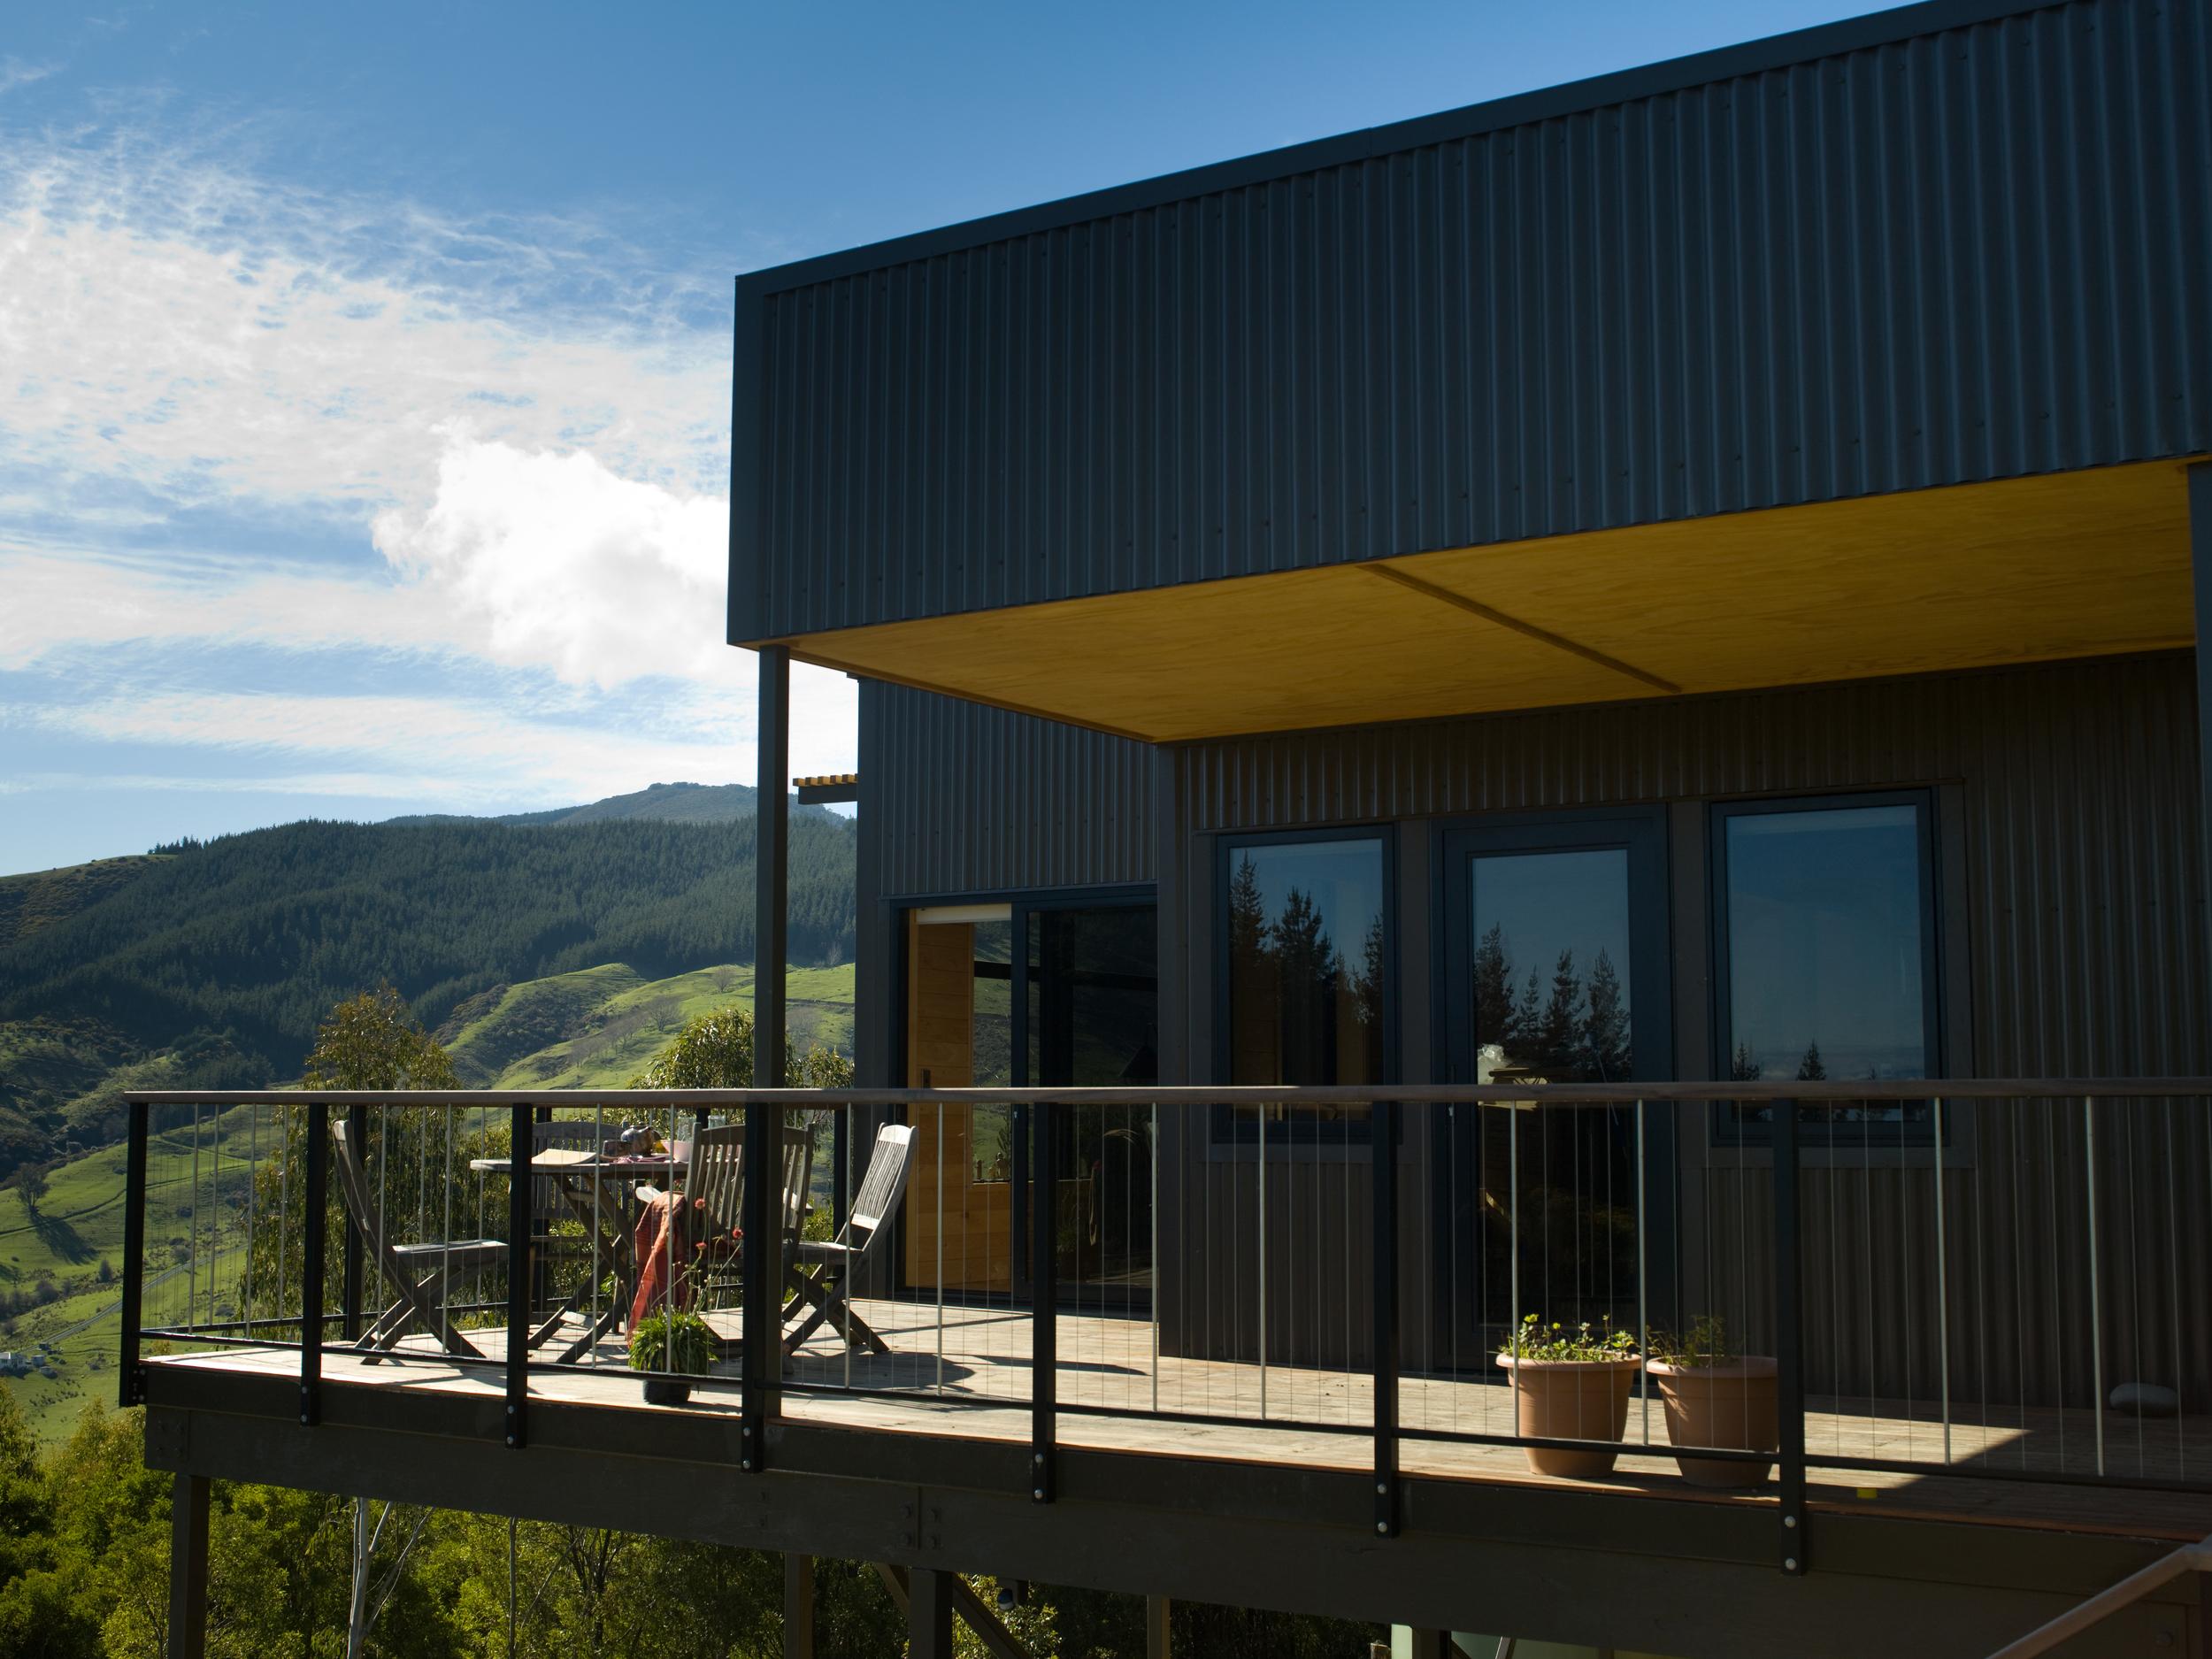 DS house aug10 - 053-1.jpg